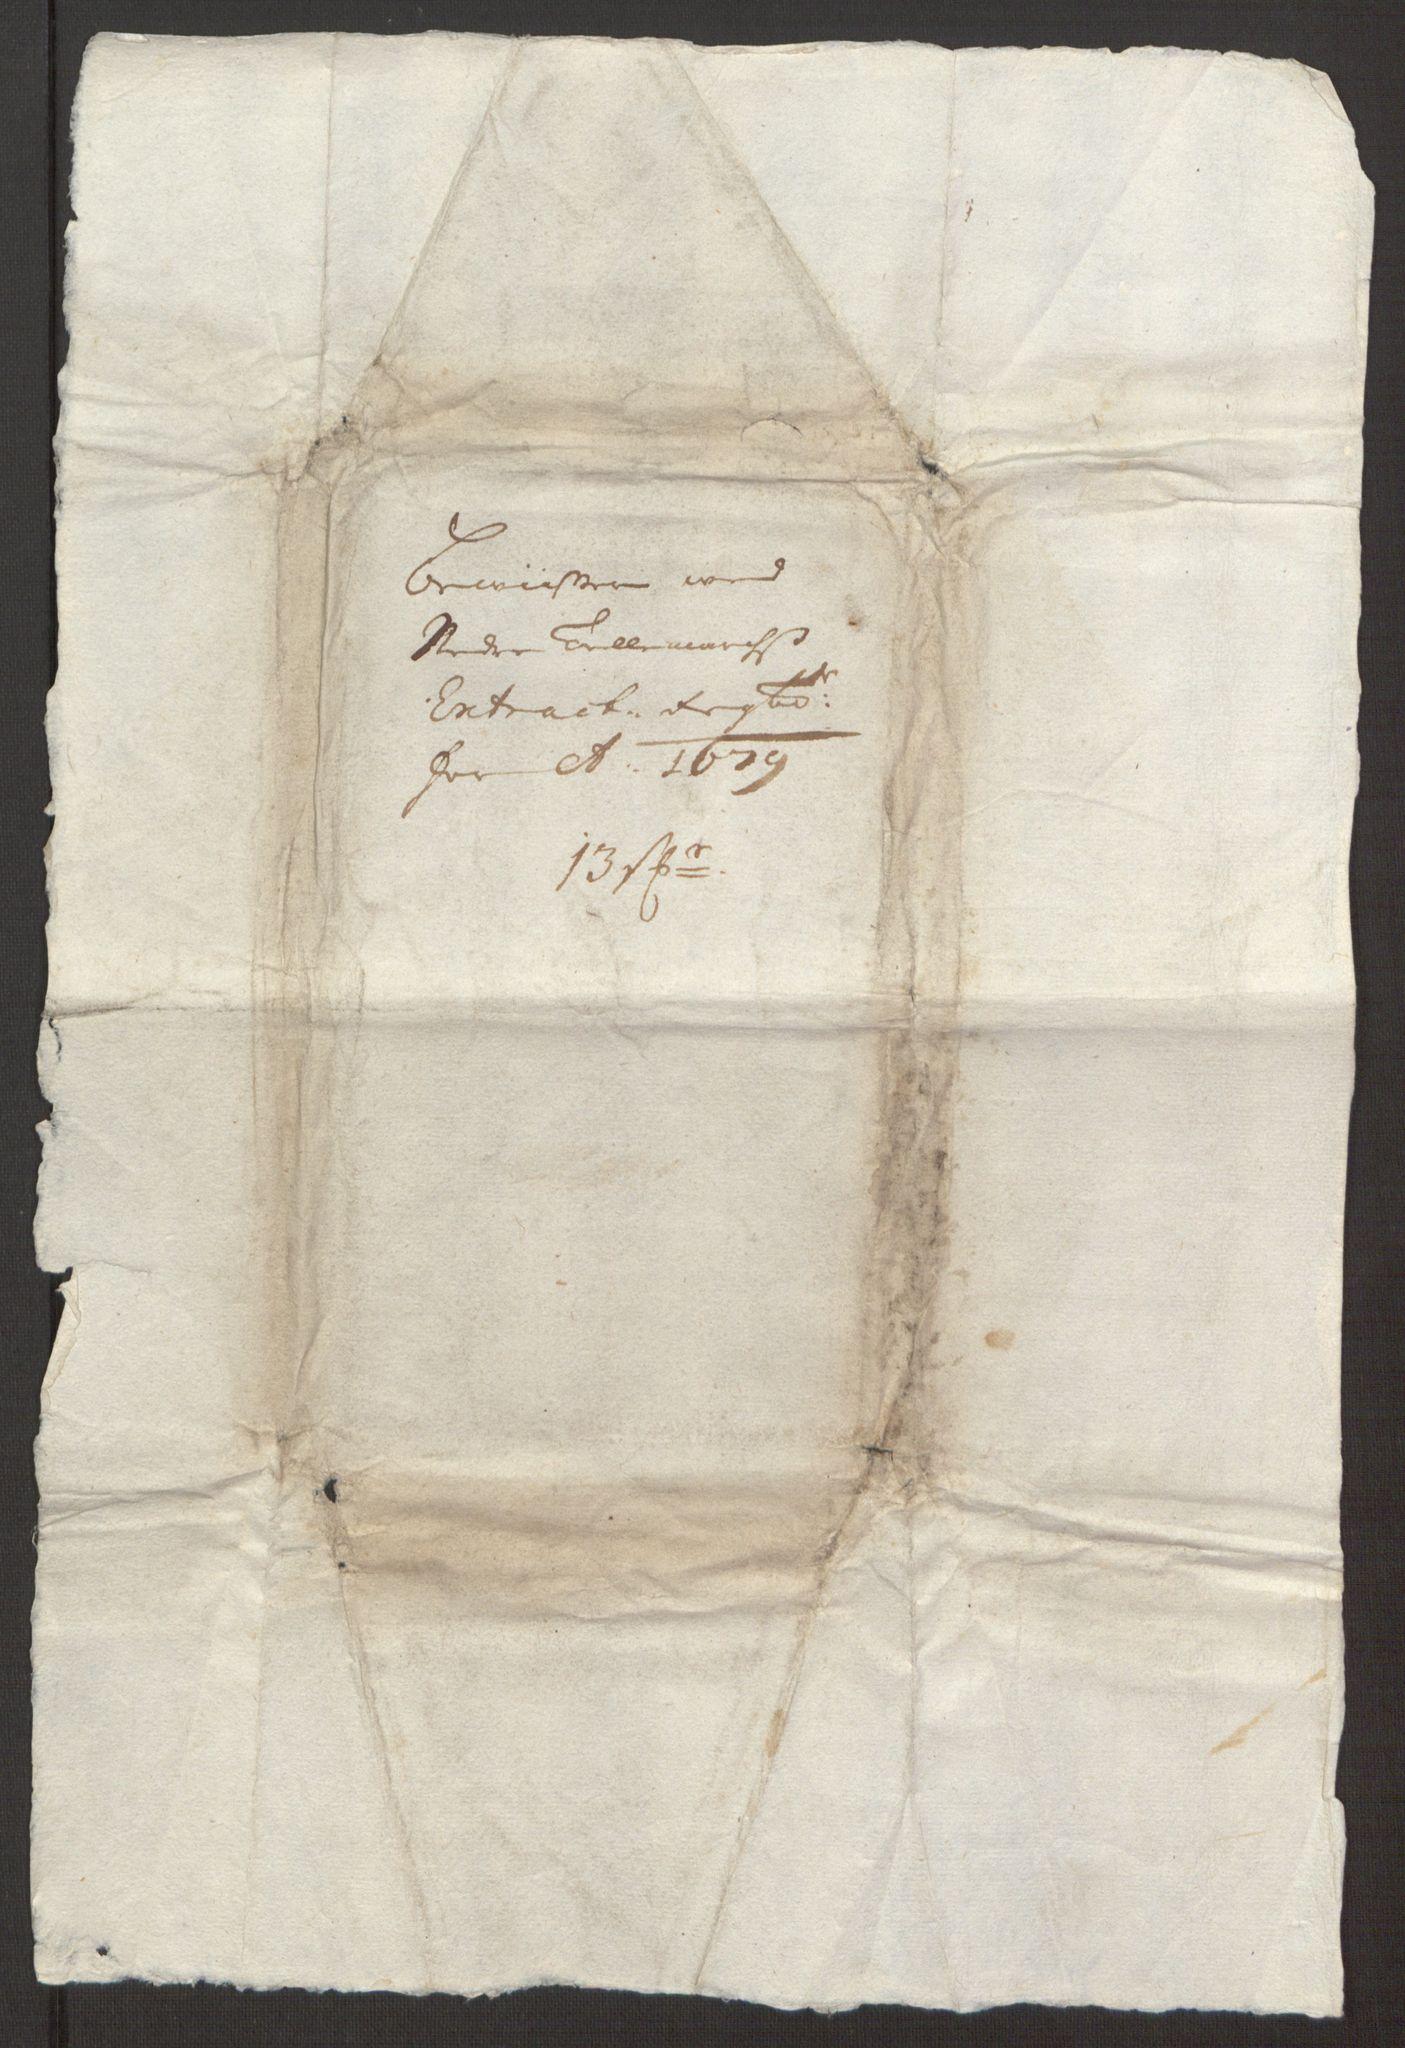 RA, Rentekammeret inntil 1814, Reviderte regnskaper, Fogderegnskap, R35/L2072: Fogderegnskap Øvre og Nedre Telemark, 1679, s. 251